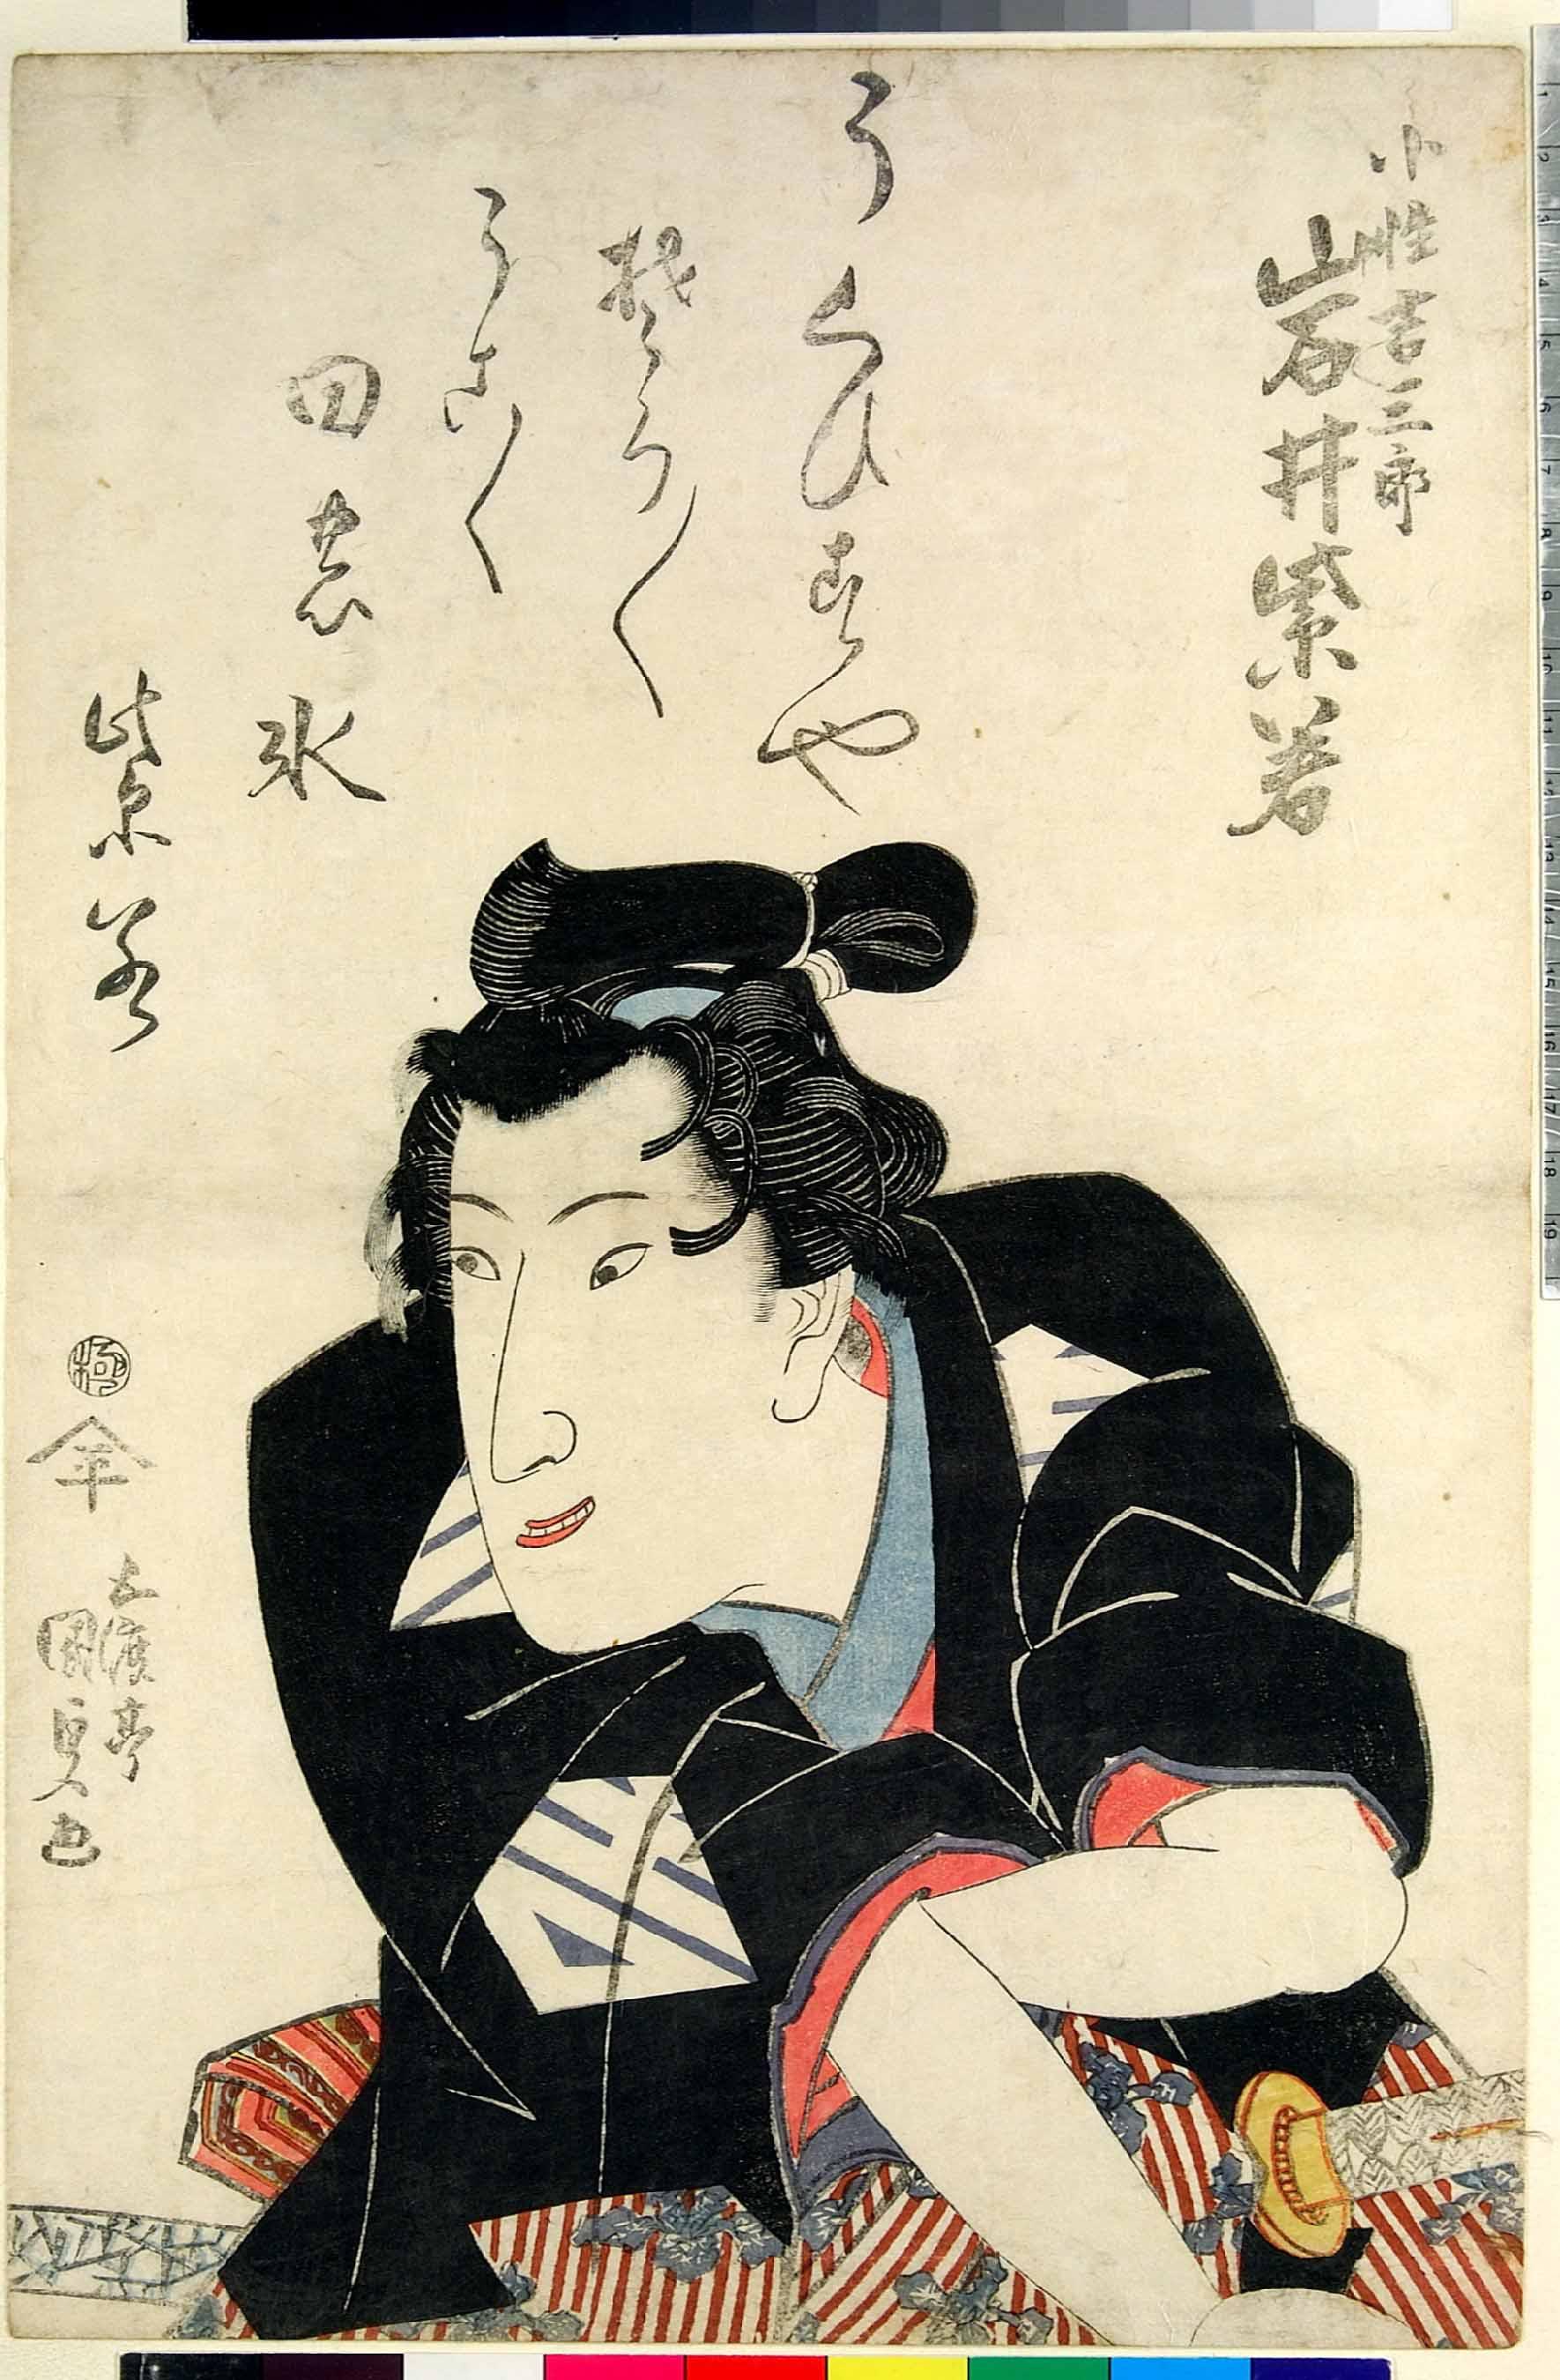 Ebi0809「小性吉三郎 岩井紫若」・『』